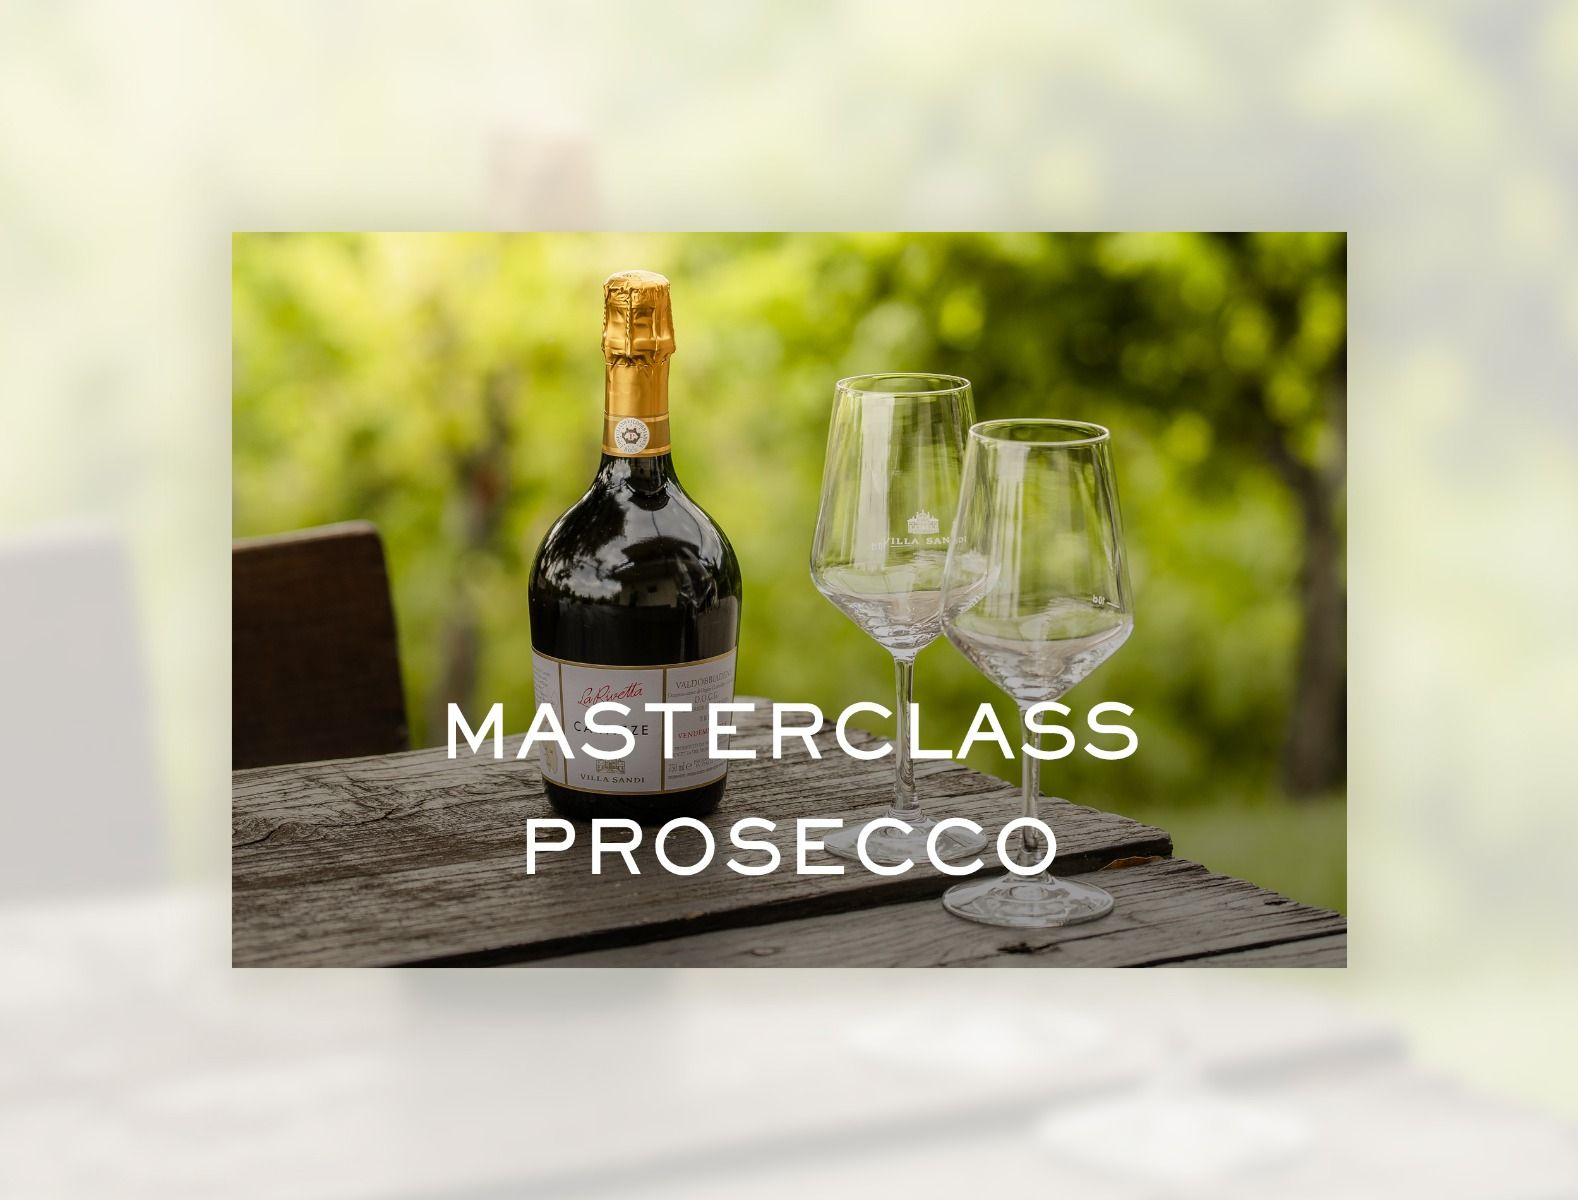 Masterclass Prosecco